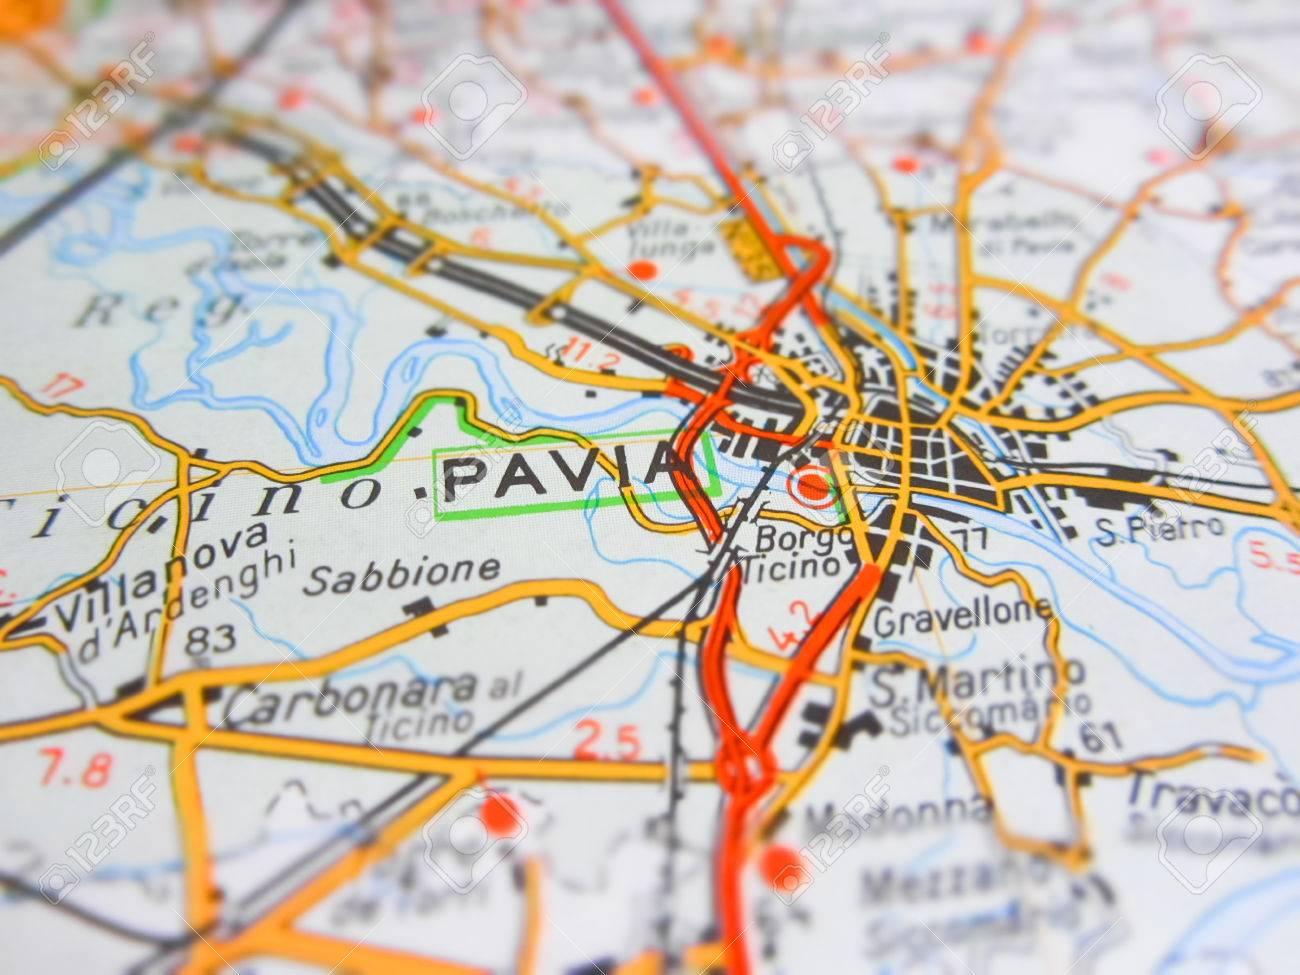 Cartina Stradale Di Italia.Immagini Stock Pavia Citta Su Una Cartina Stradale Italia Image 67703758